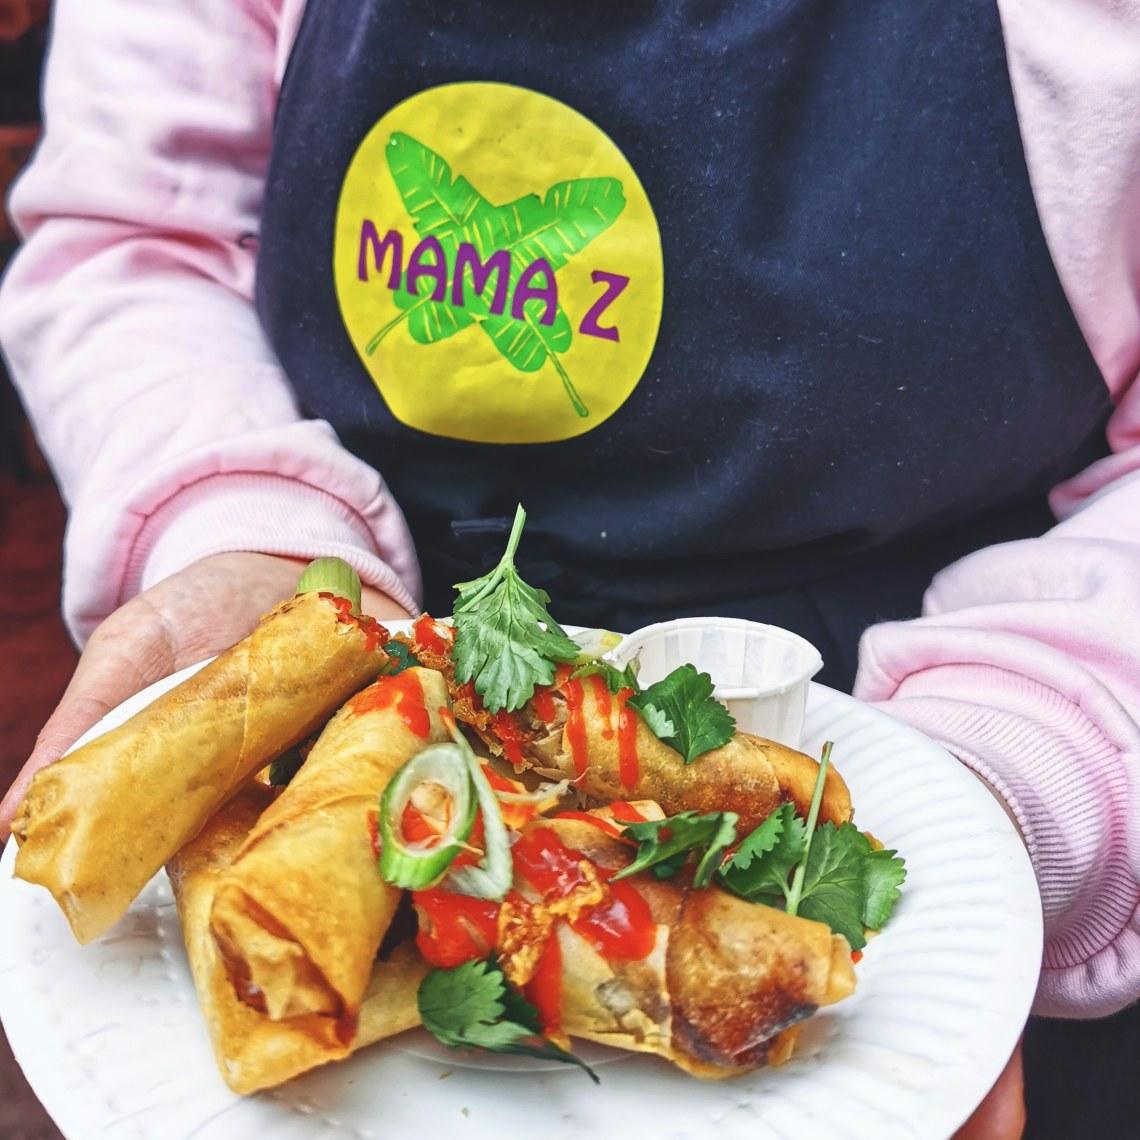 Mama Z's food